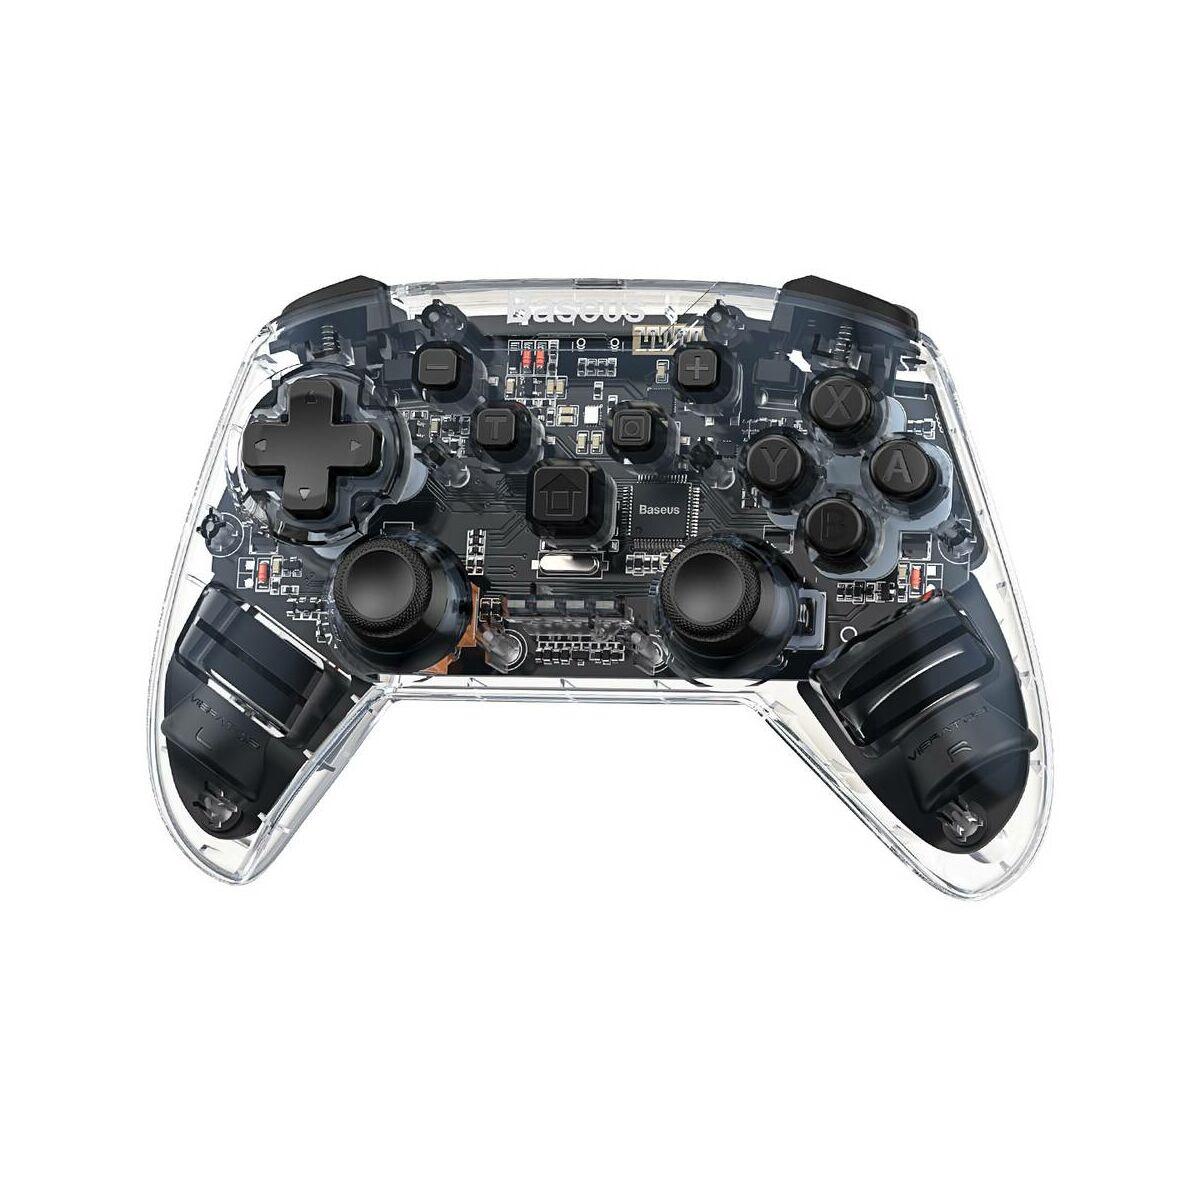 Baseus játék eszköz, Game Pad játékvezérlő, vezeték nélküli, Bluetooth, Rezgő játékvezérlő, átlátszó (GMSWA-01)